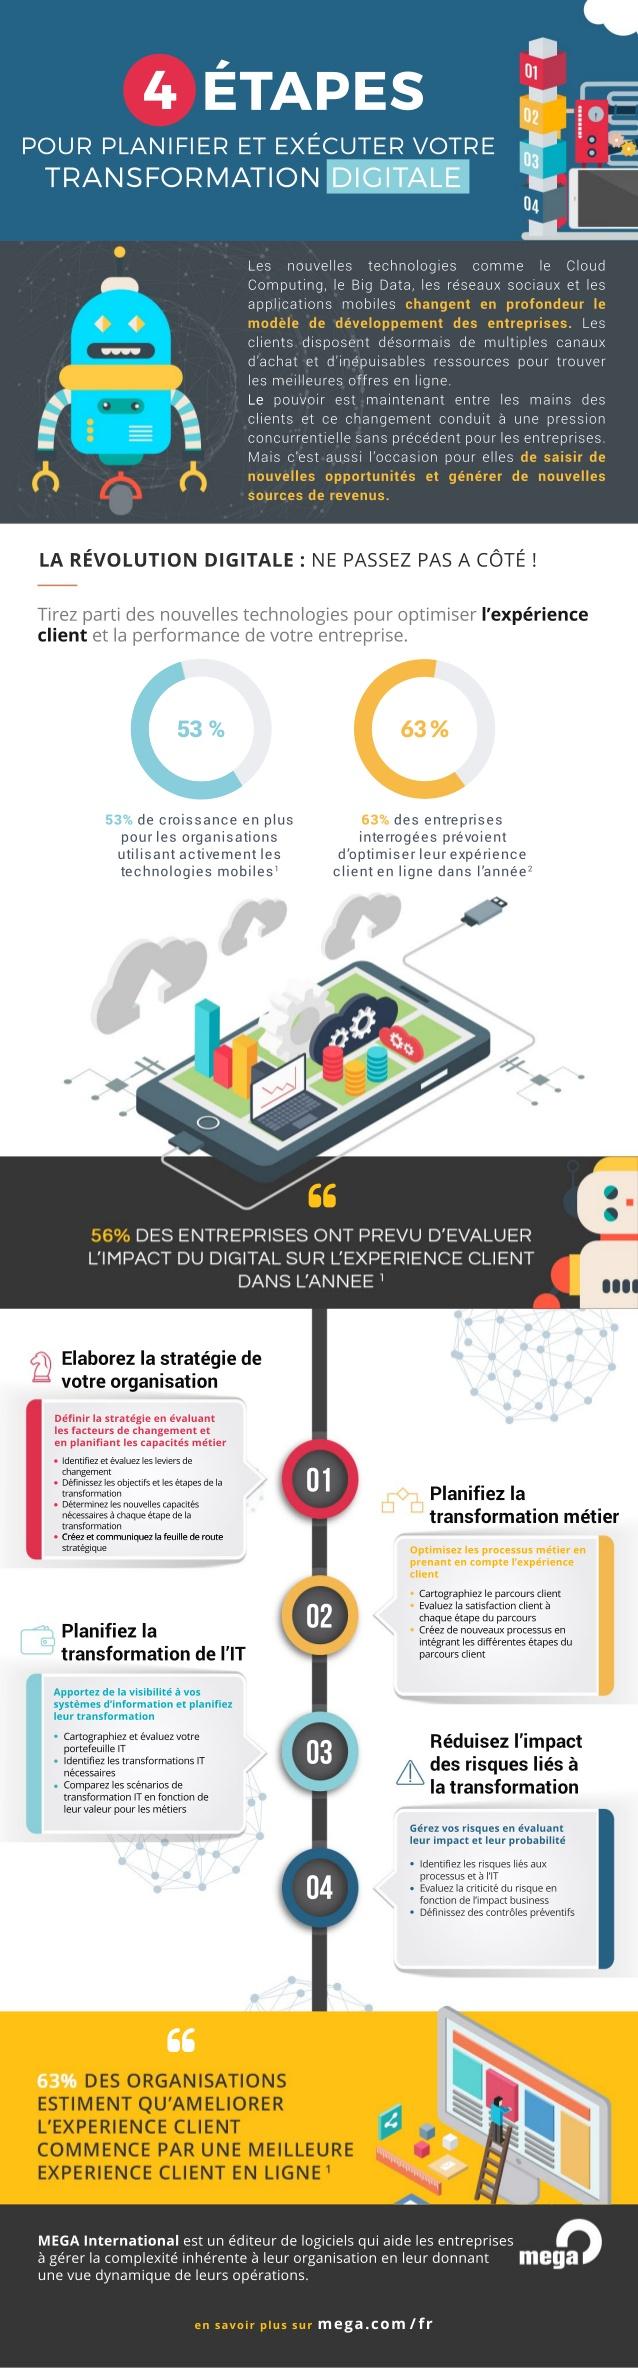 Infographie : 4 étapes pour planifier et exécuter sa transformation digitale